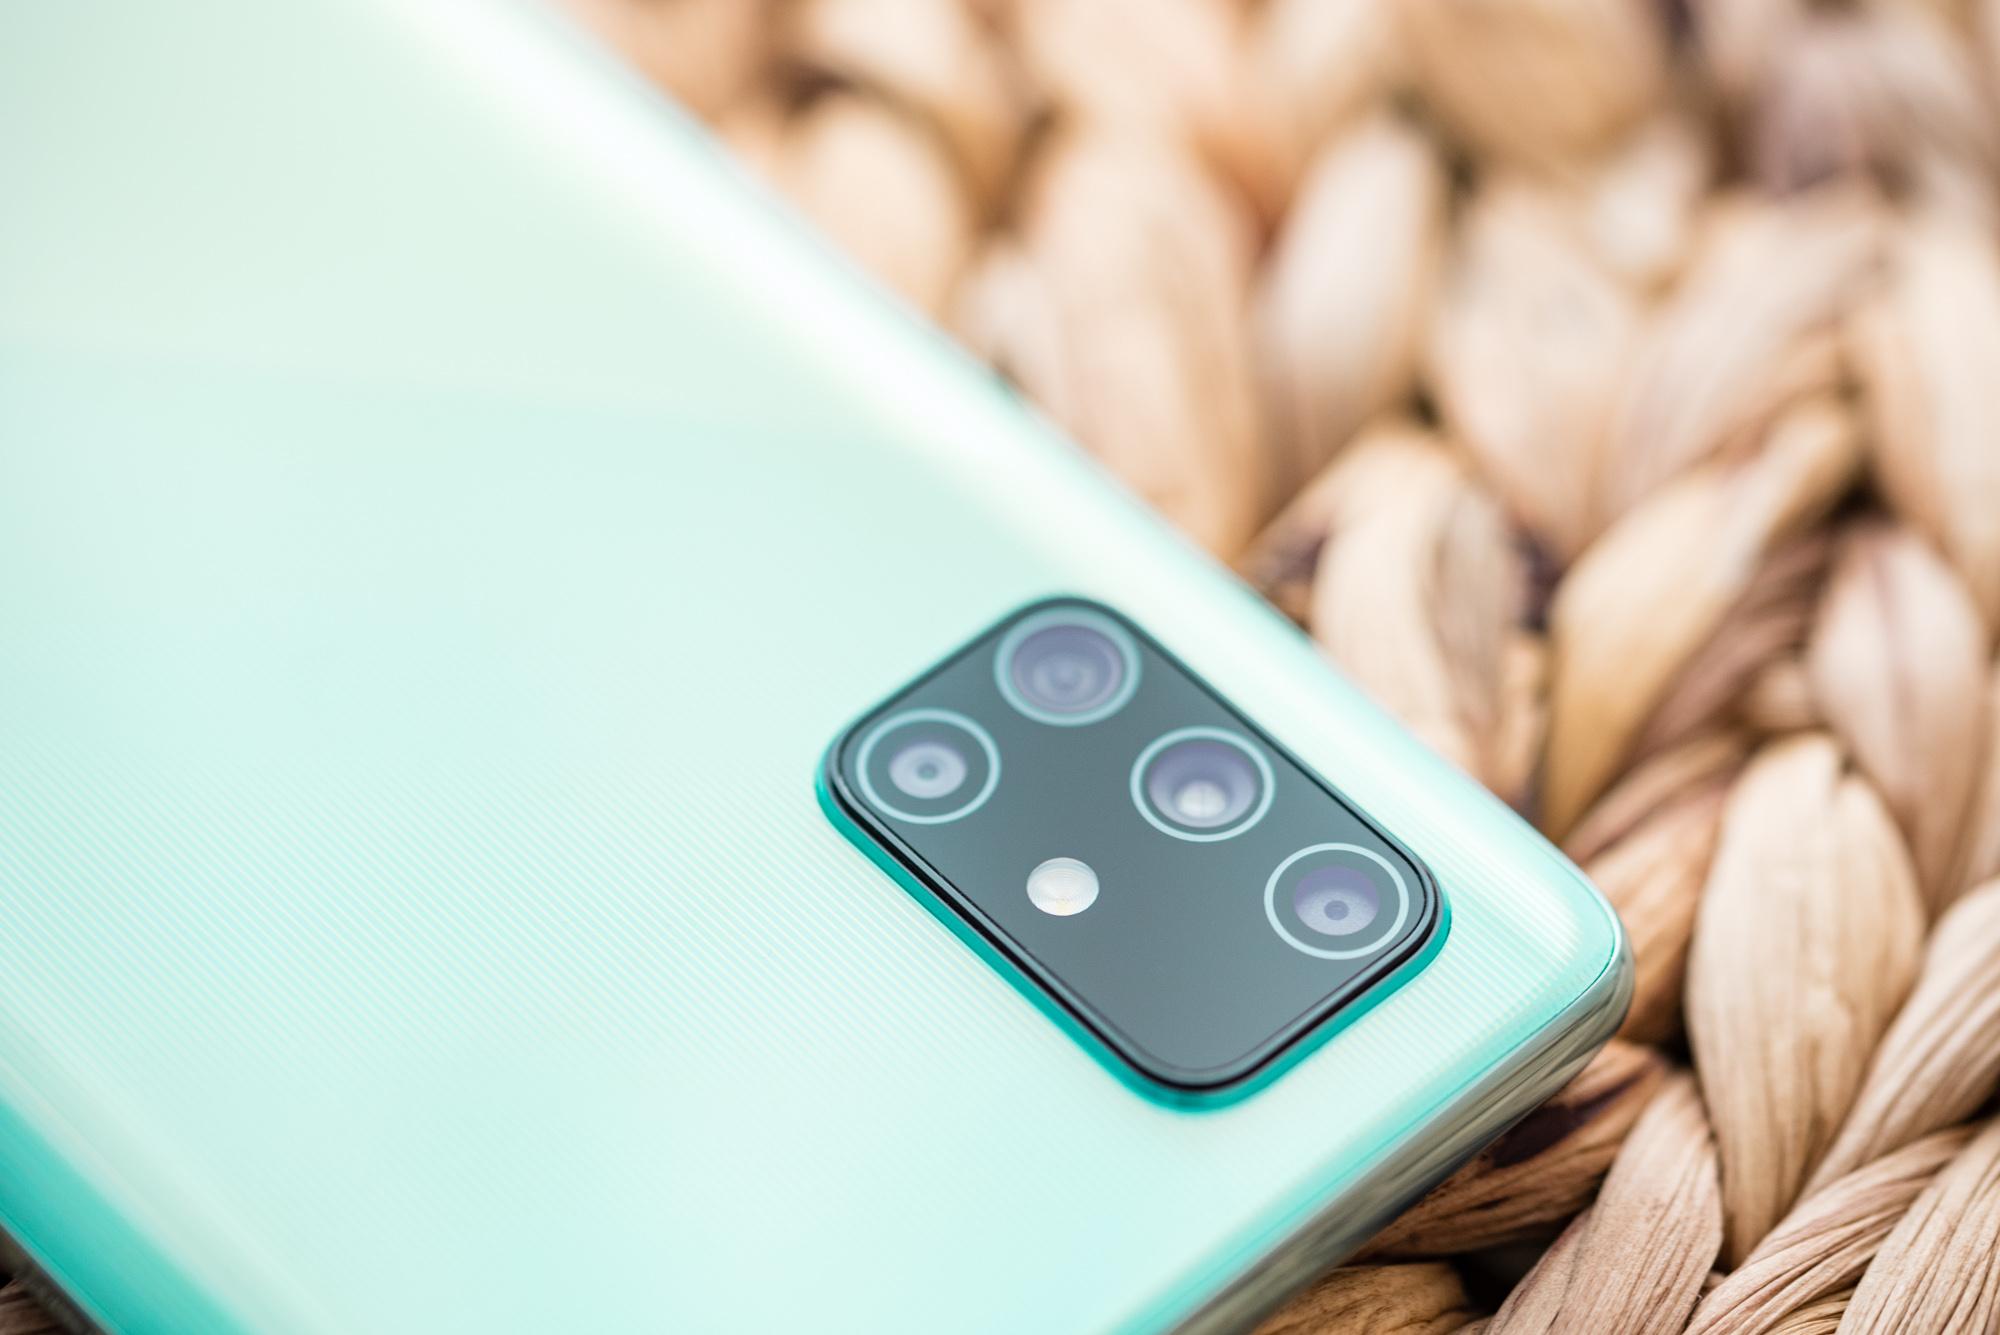 100 ere bai GB internet hilean eta Samsung smartphones prezio onetan.  Sustapen kanpaina hasi da UPC Polska-n